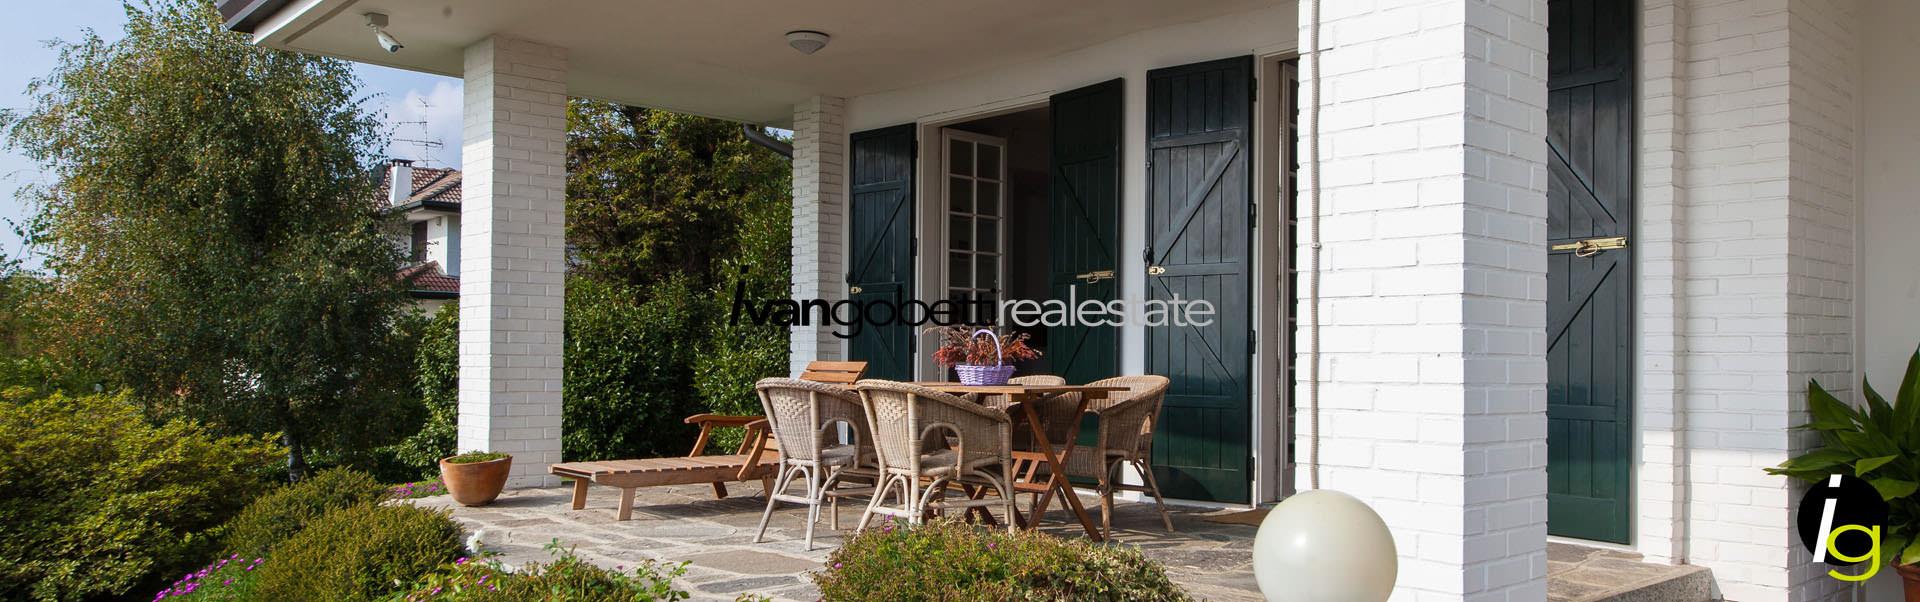 For sale villa in Massino Visconti Lake Maggiore